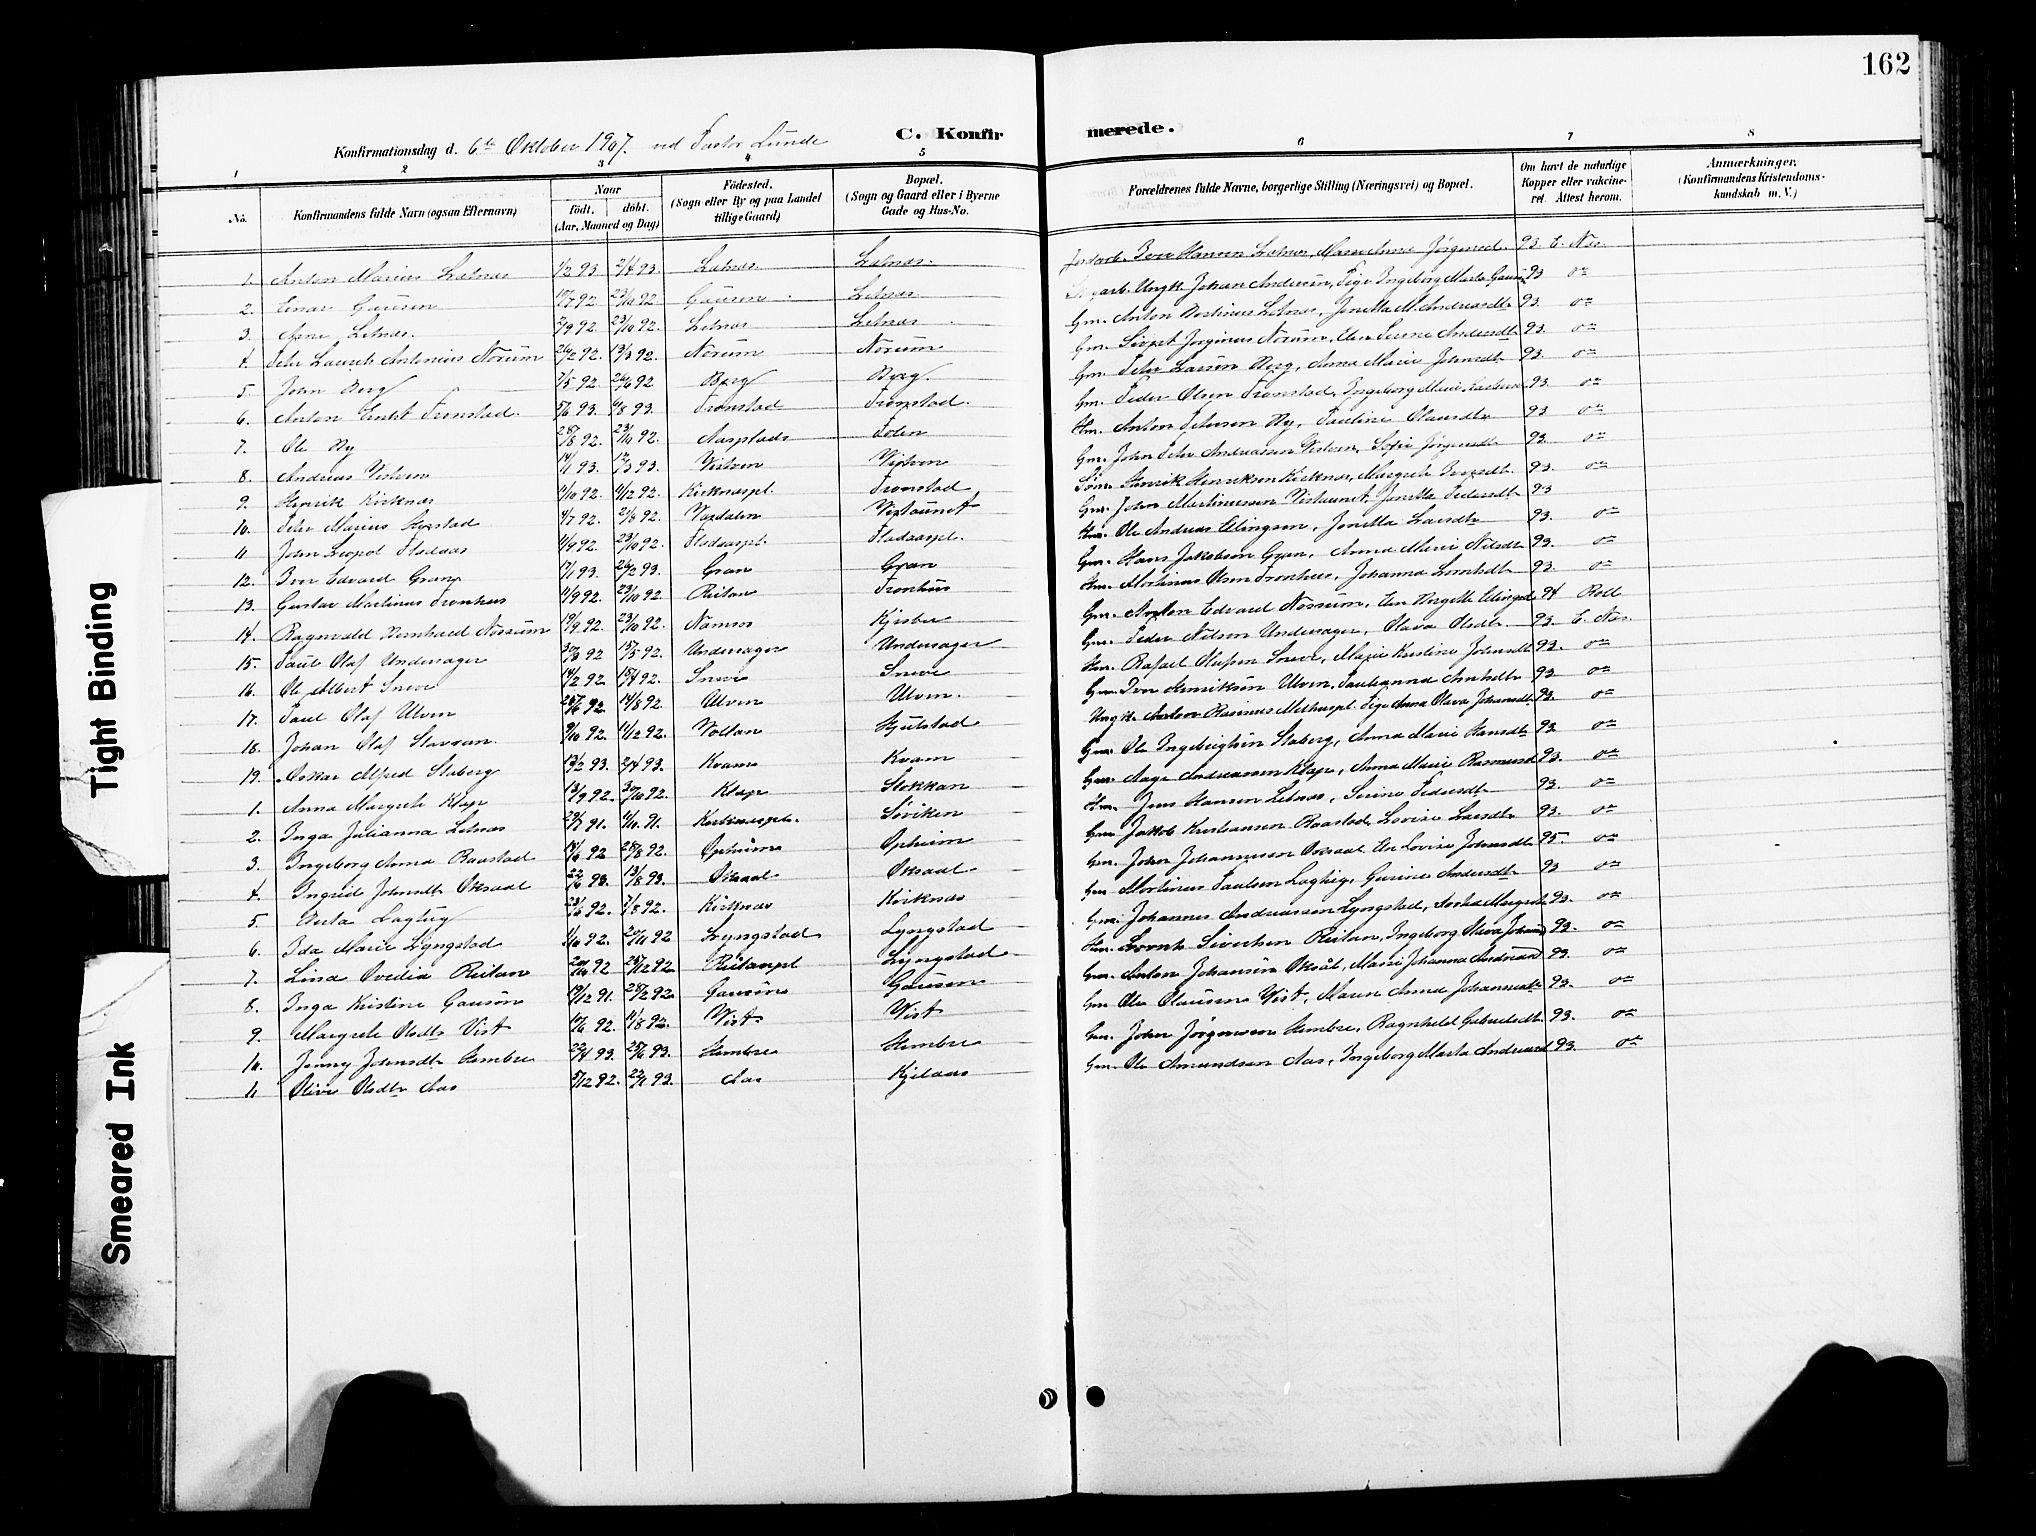 SAT, Ministerialprotokoller, klokkerbøker og fødselsregistre - Nord-Trøndelag, 730/L0302: Klokkerbok nr. 730C05, 1898-1924, s. 162